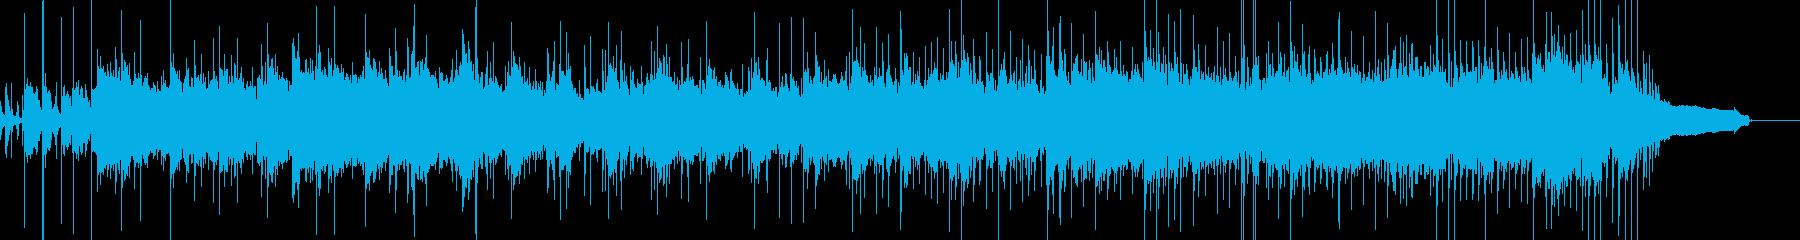 明るくド派手なパンクロックバンドの再生済みの波形